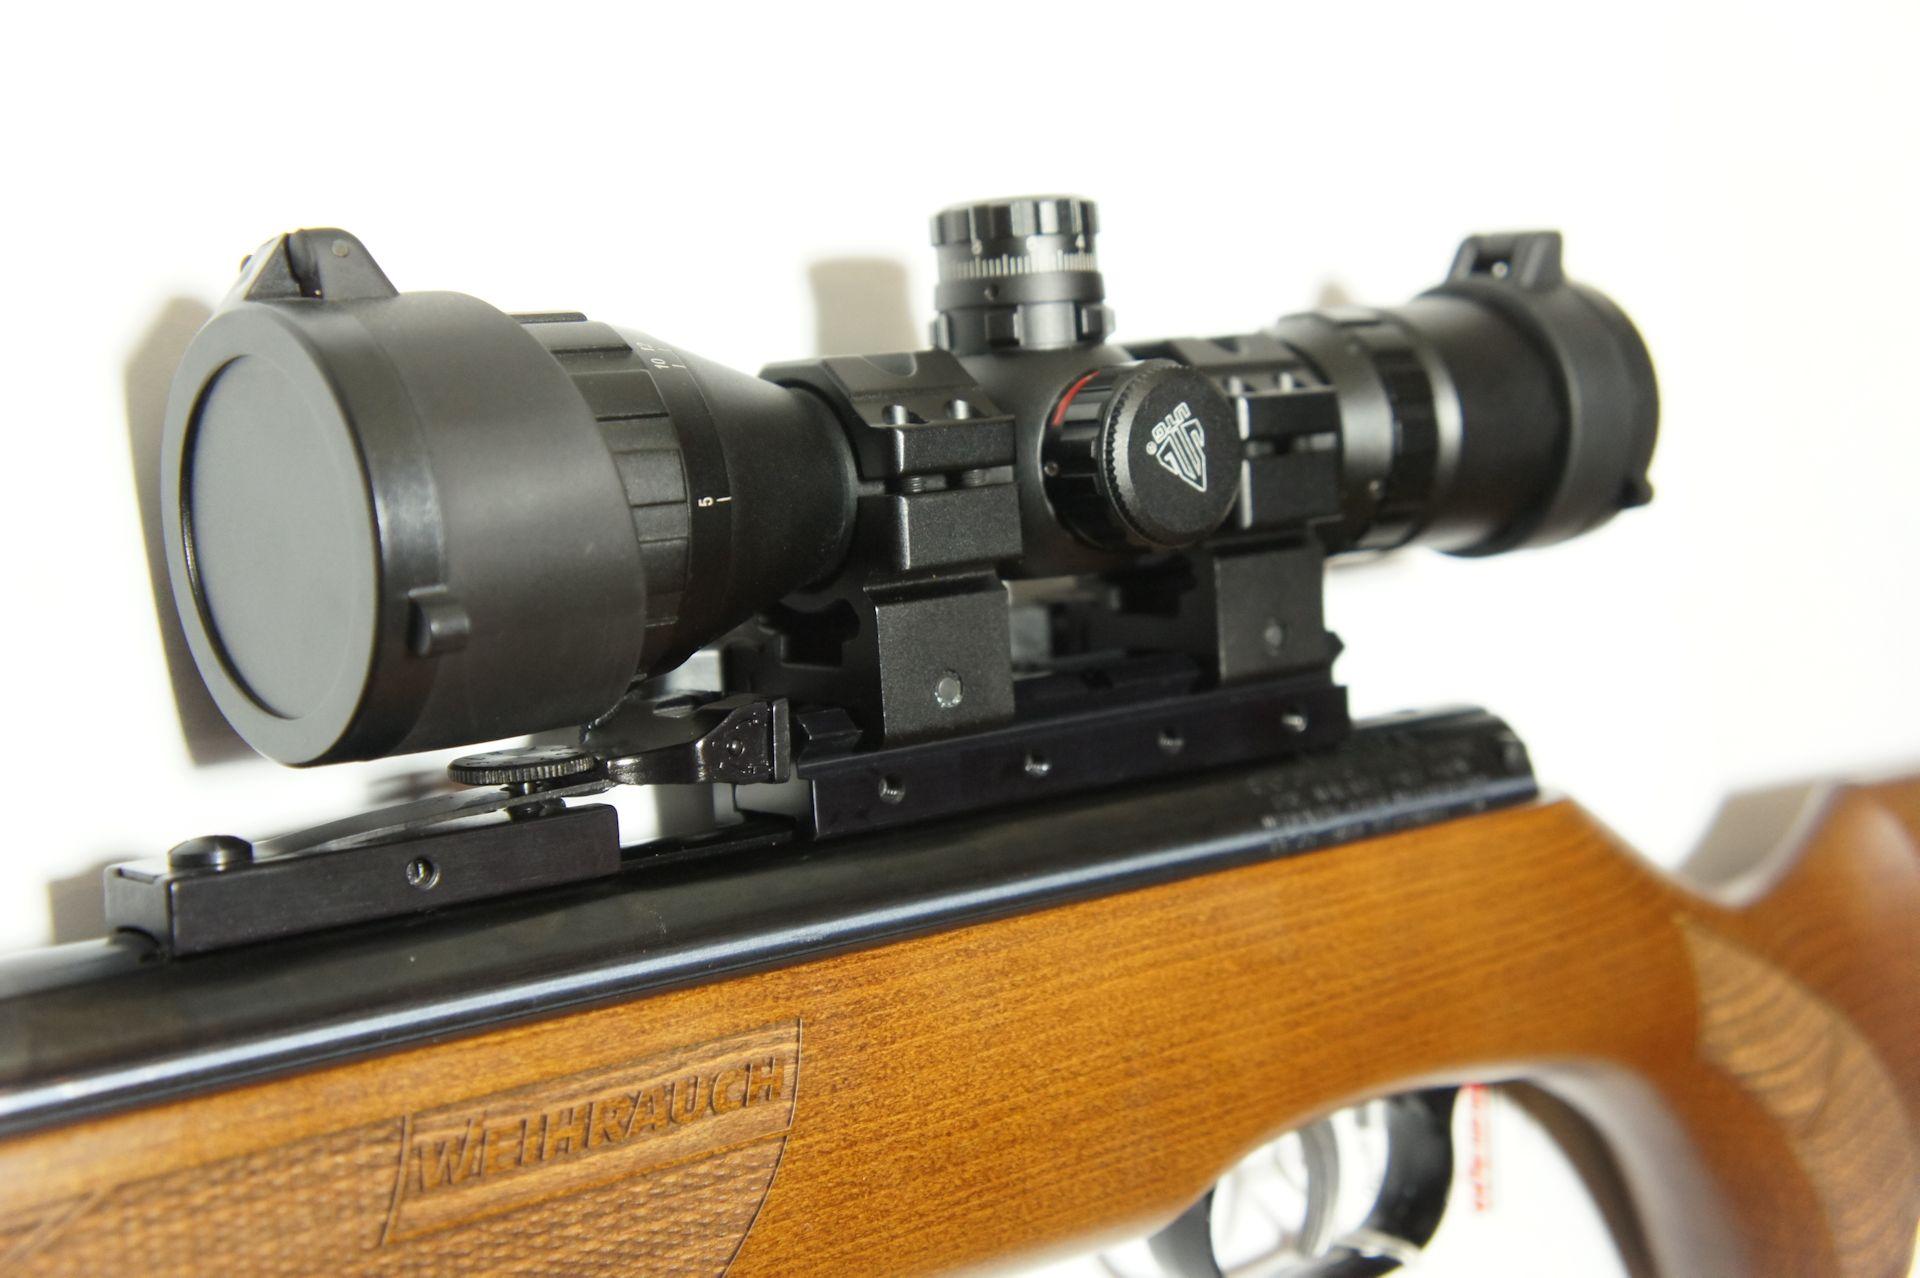 Luftgewehre Weihrauch HW 77 K sd im Kaliber 5,5mm